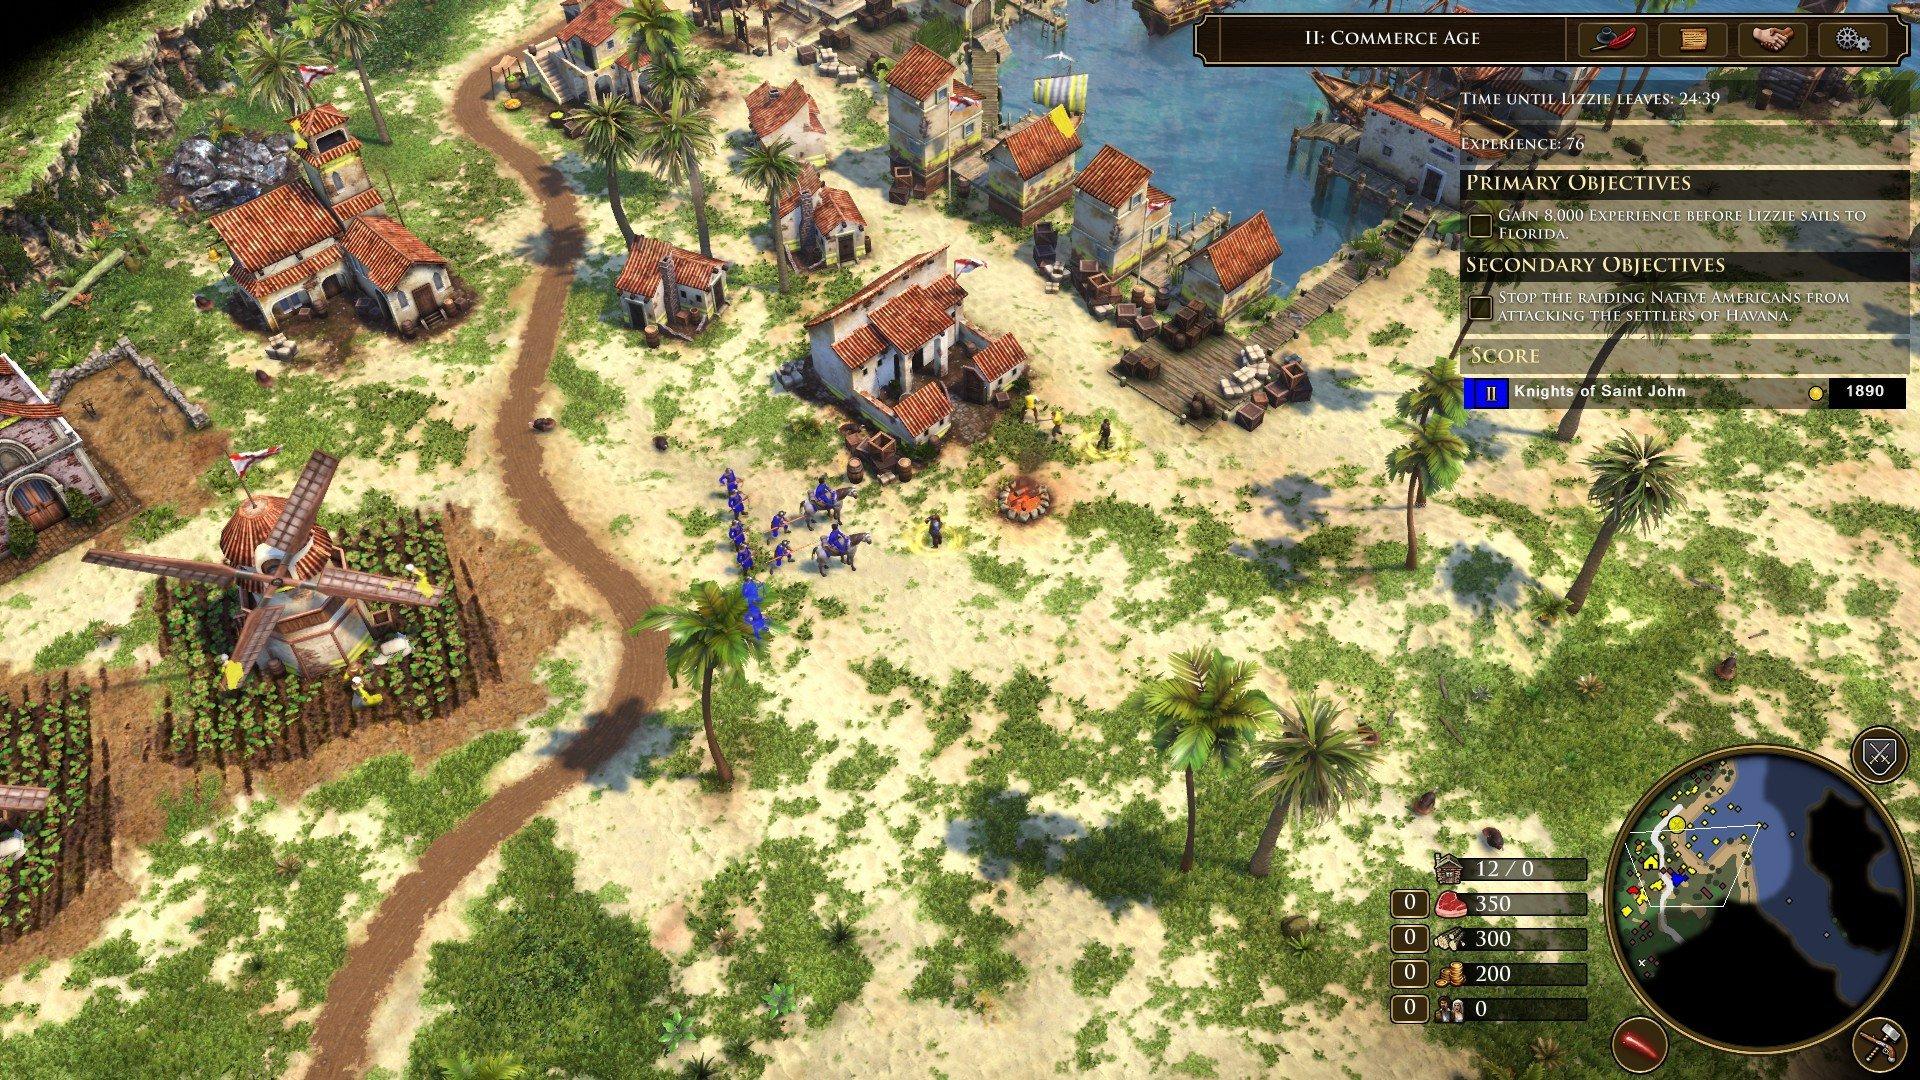 Скриншот к игре Age of Empires III: Definitive Edition [Steam-Rip] (2005-2020) скачать торрент Лицензия